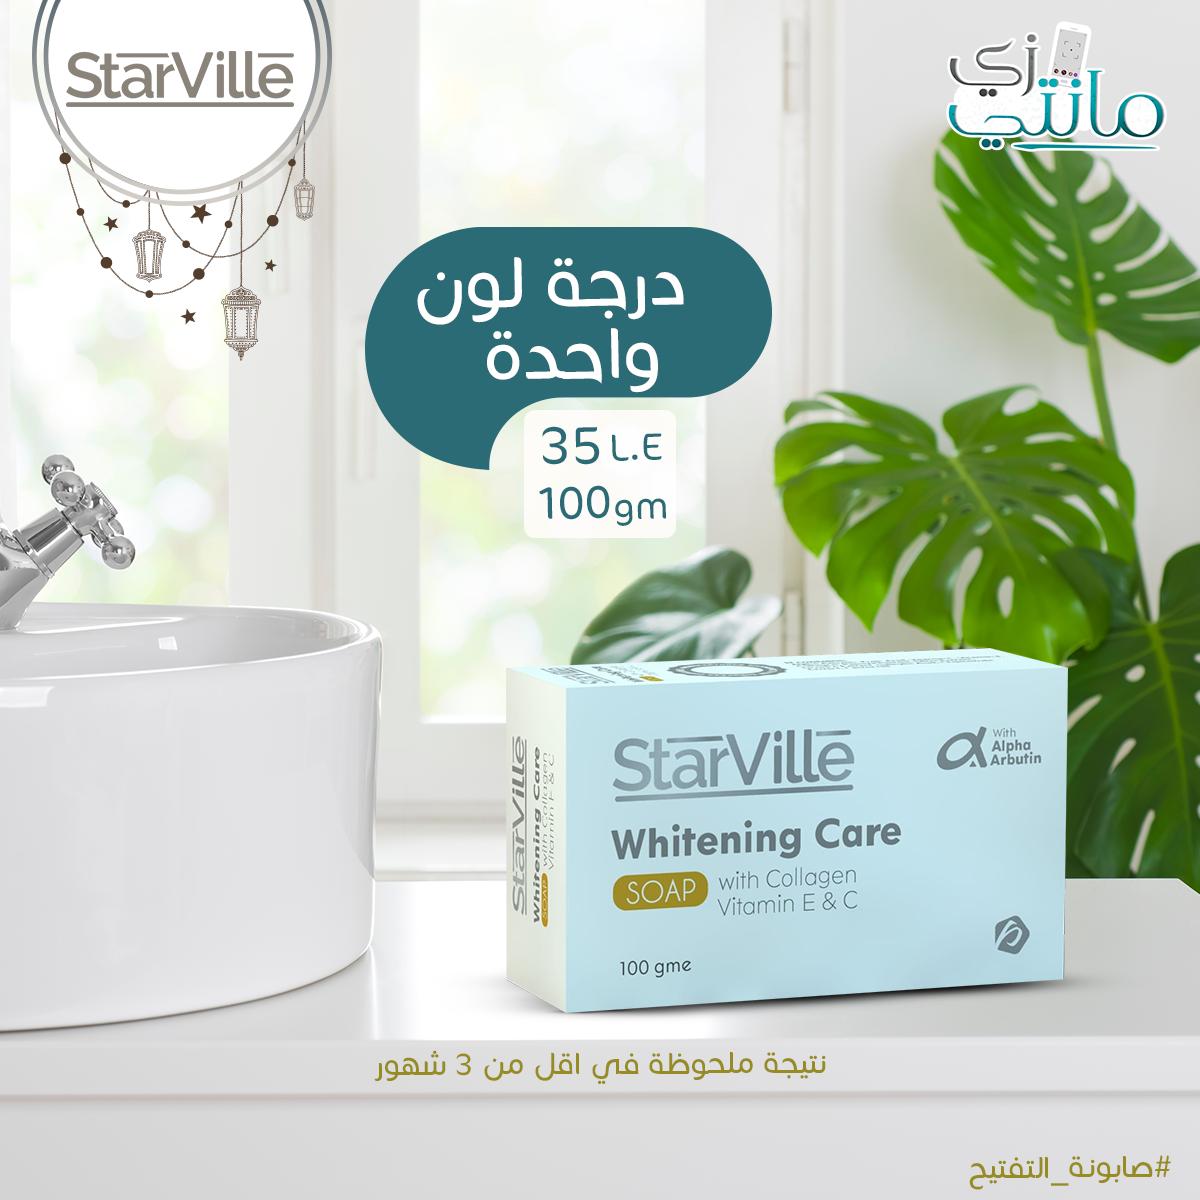 فوائد استخدام صابونة ستارفيل للتفتيح